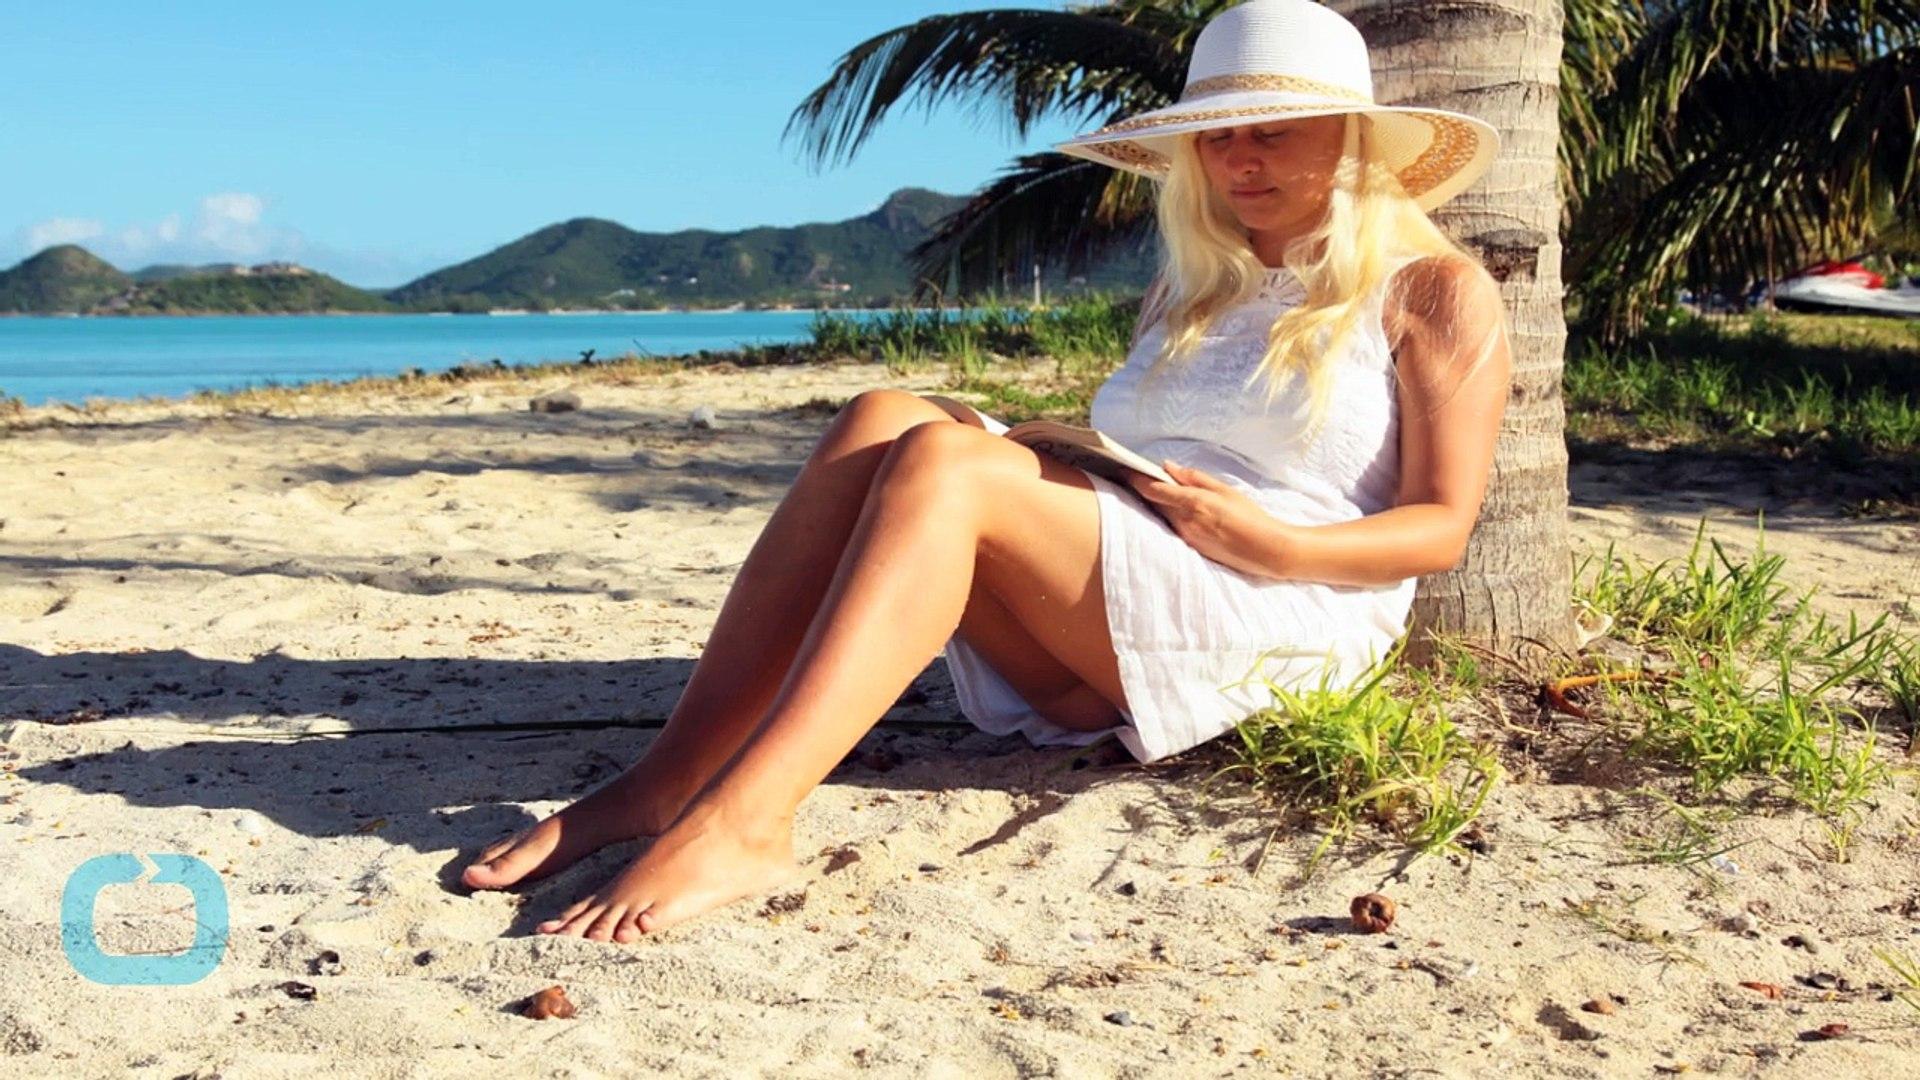 Amazon's Best Summer Beach Reads